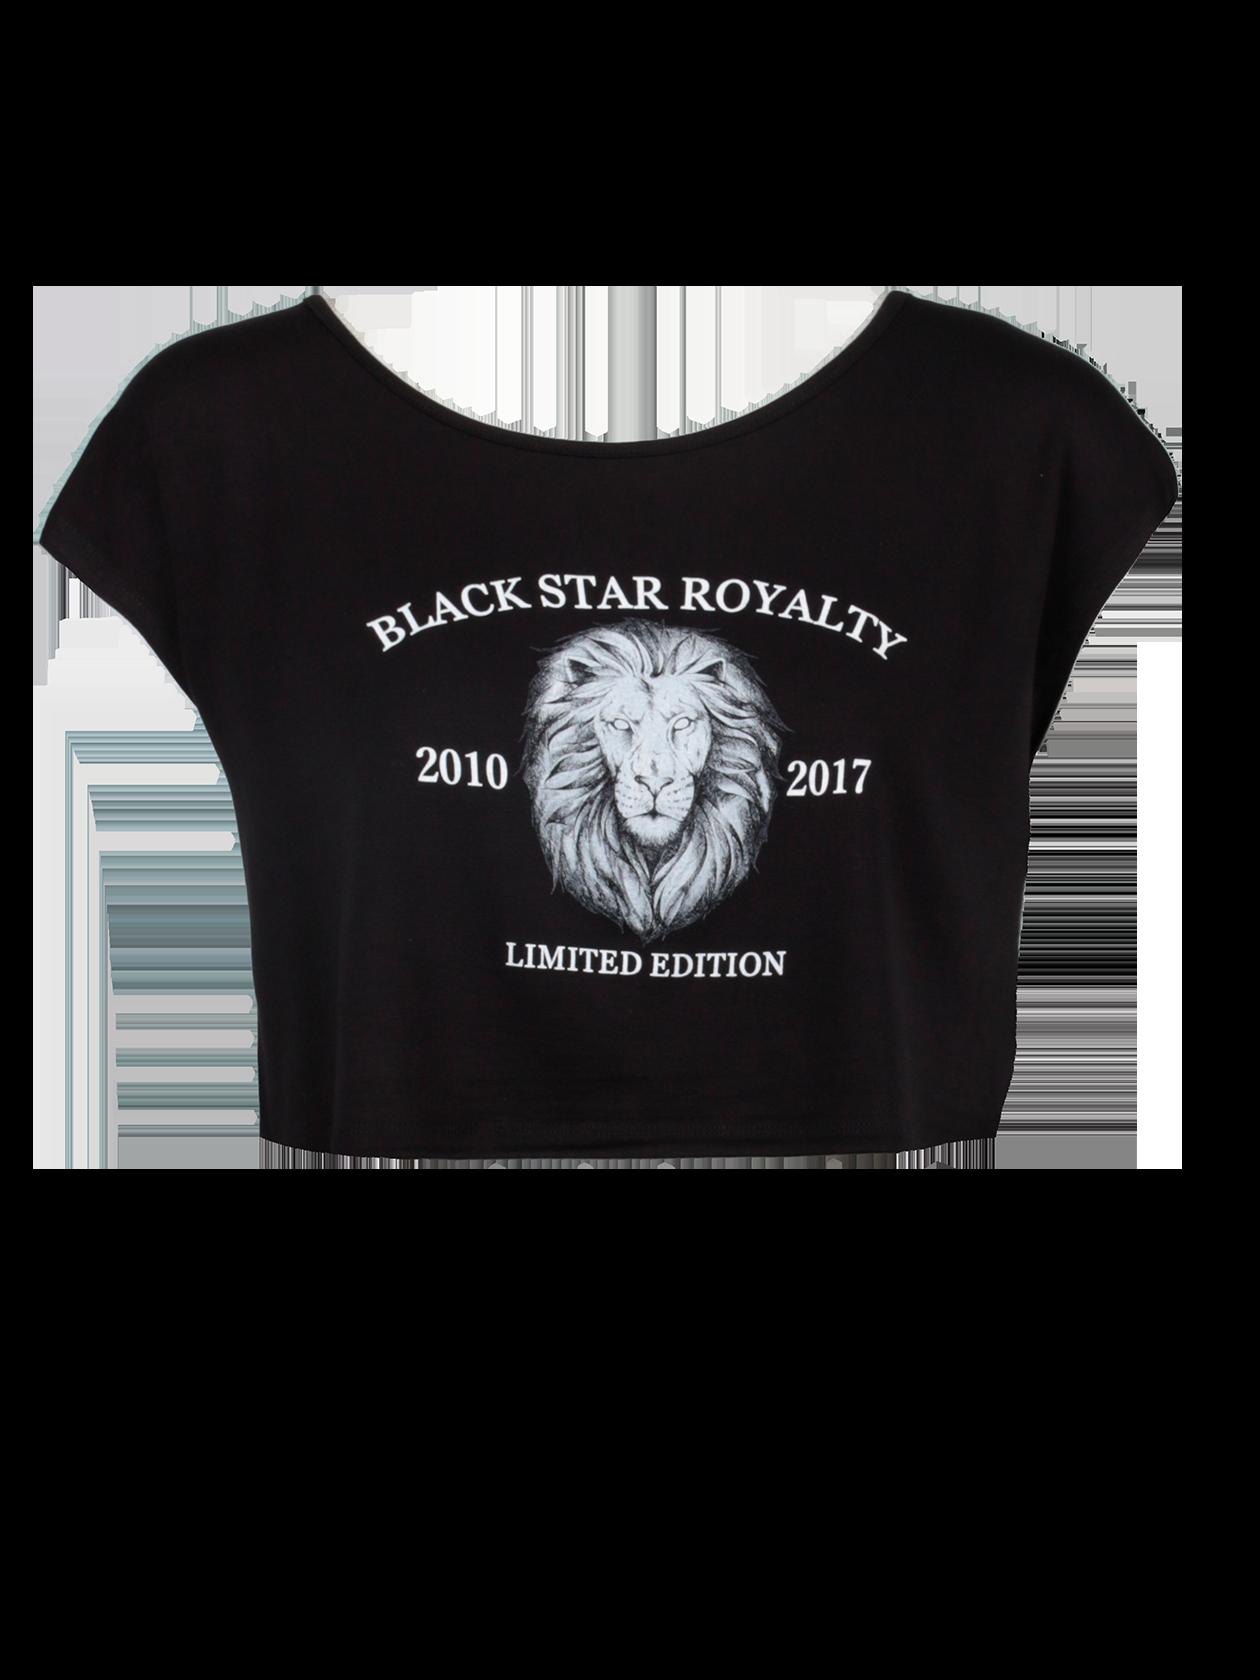 Футболка женская LIMITED ROYALTYМодная футболка женская Limited Royalty из коллекции Black Star Wear поможет в создании стильного образа на каждый день. Модель укороченного силуэта, свободного кроя. Горловина средней глубины, округлой формы, внутри жаккардовый лейбл Black Star Wear. Рукав короткий, цельнокройный. Спереди принт с головой льва в центре круга и надпись в стилистике бренда. Премиальный хлопок обеспечивает высокую износостойкость и практичность вещи. Футболка доступна в двух цветовых вариантах – белом и черном.<br><br>Размер: M<br>Цвет: Черный<br>Пол: Женский